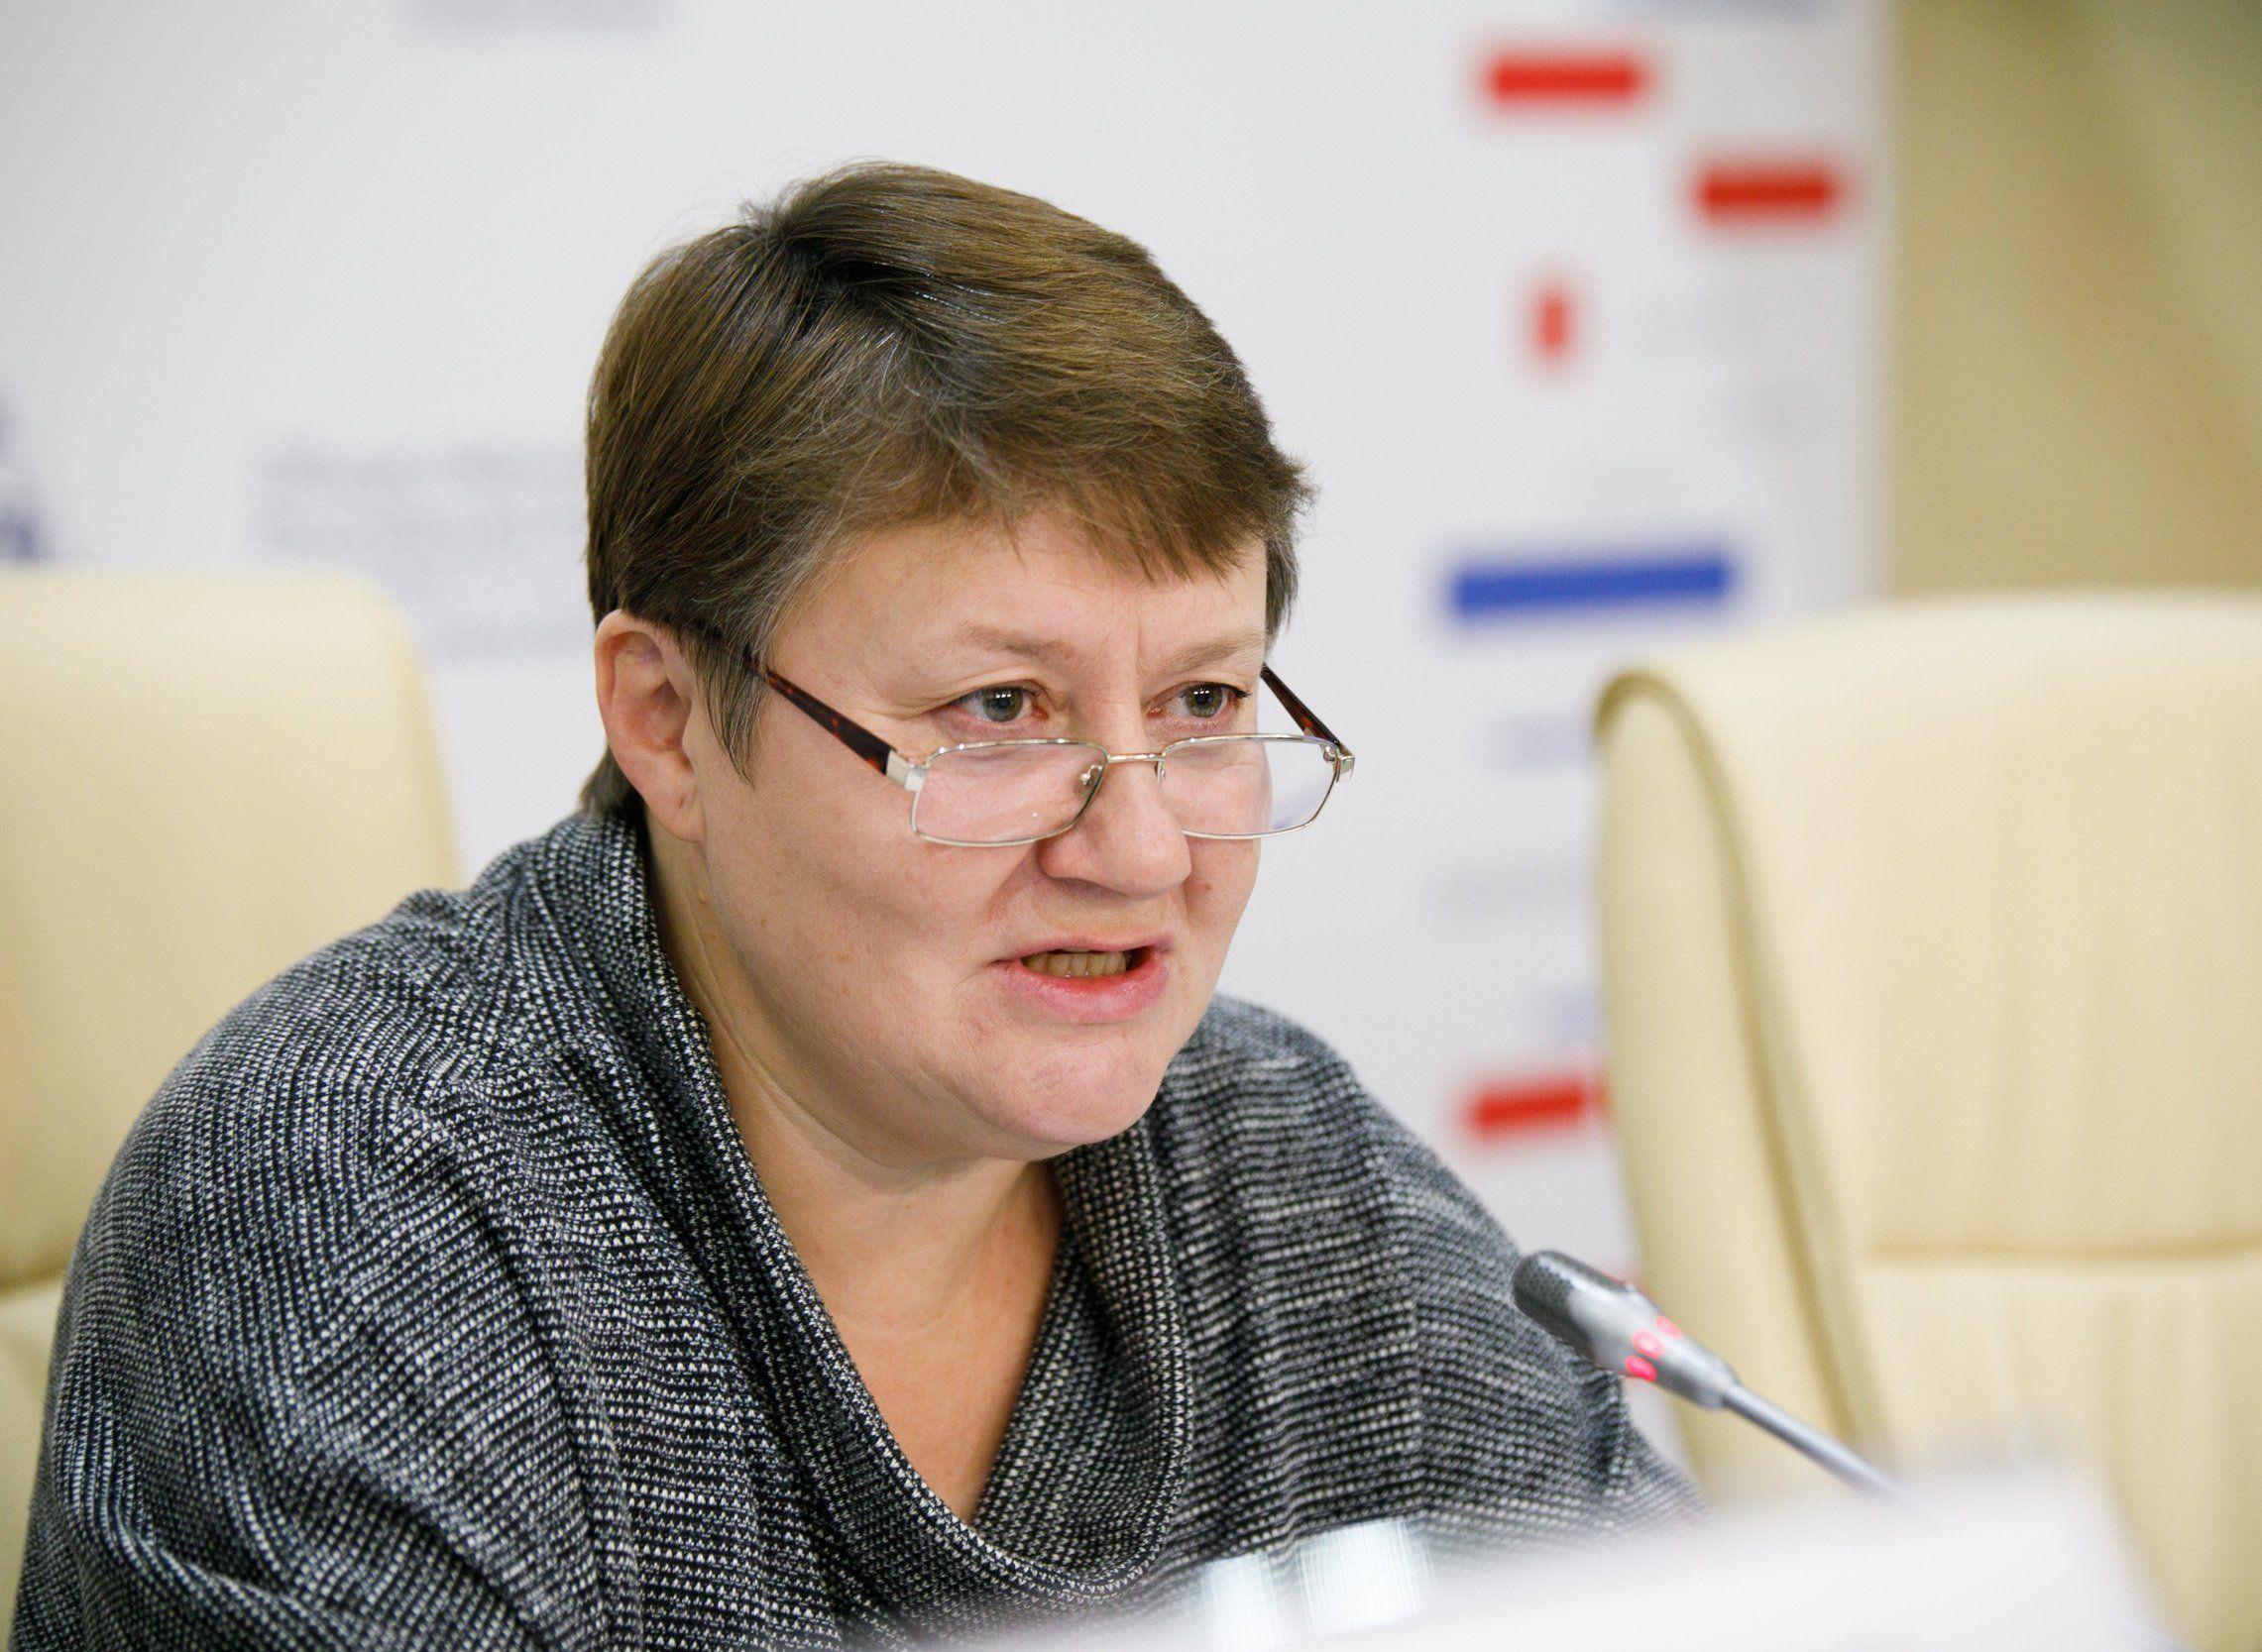 Семинар «Супервизия как инструмент обеспечения качества услуг в сфере защиты детства» прошел 6-12 октября в Алтайском крае